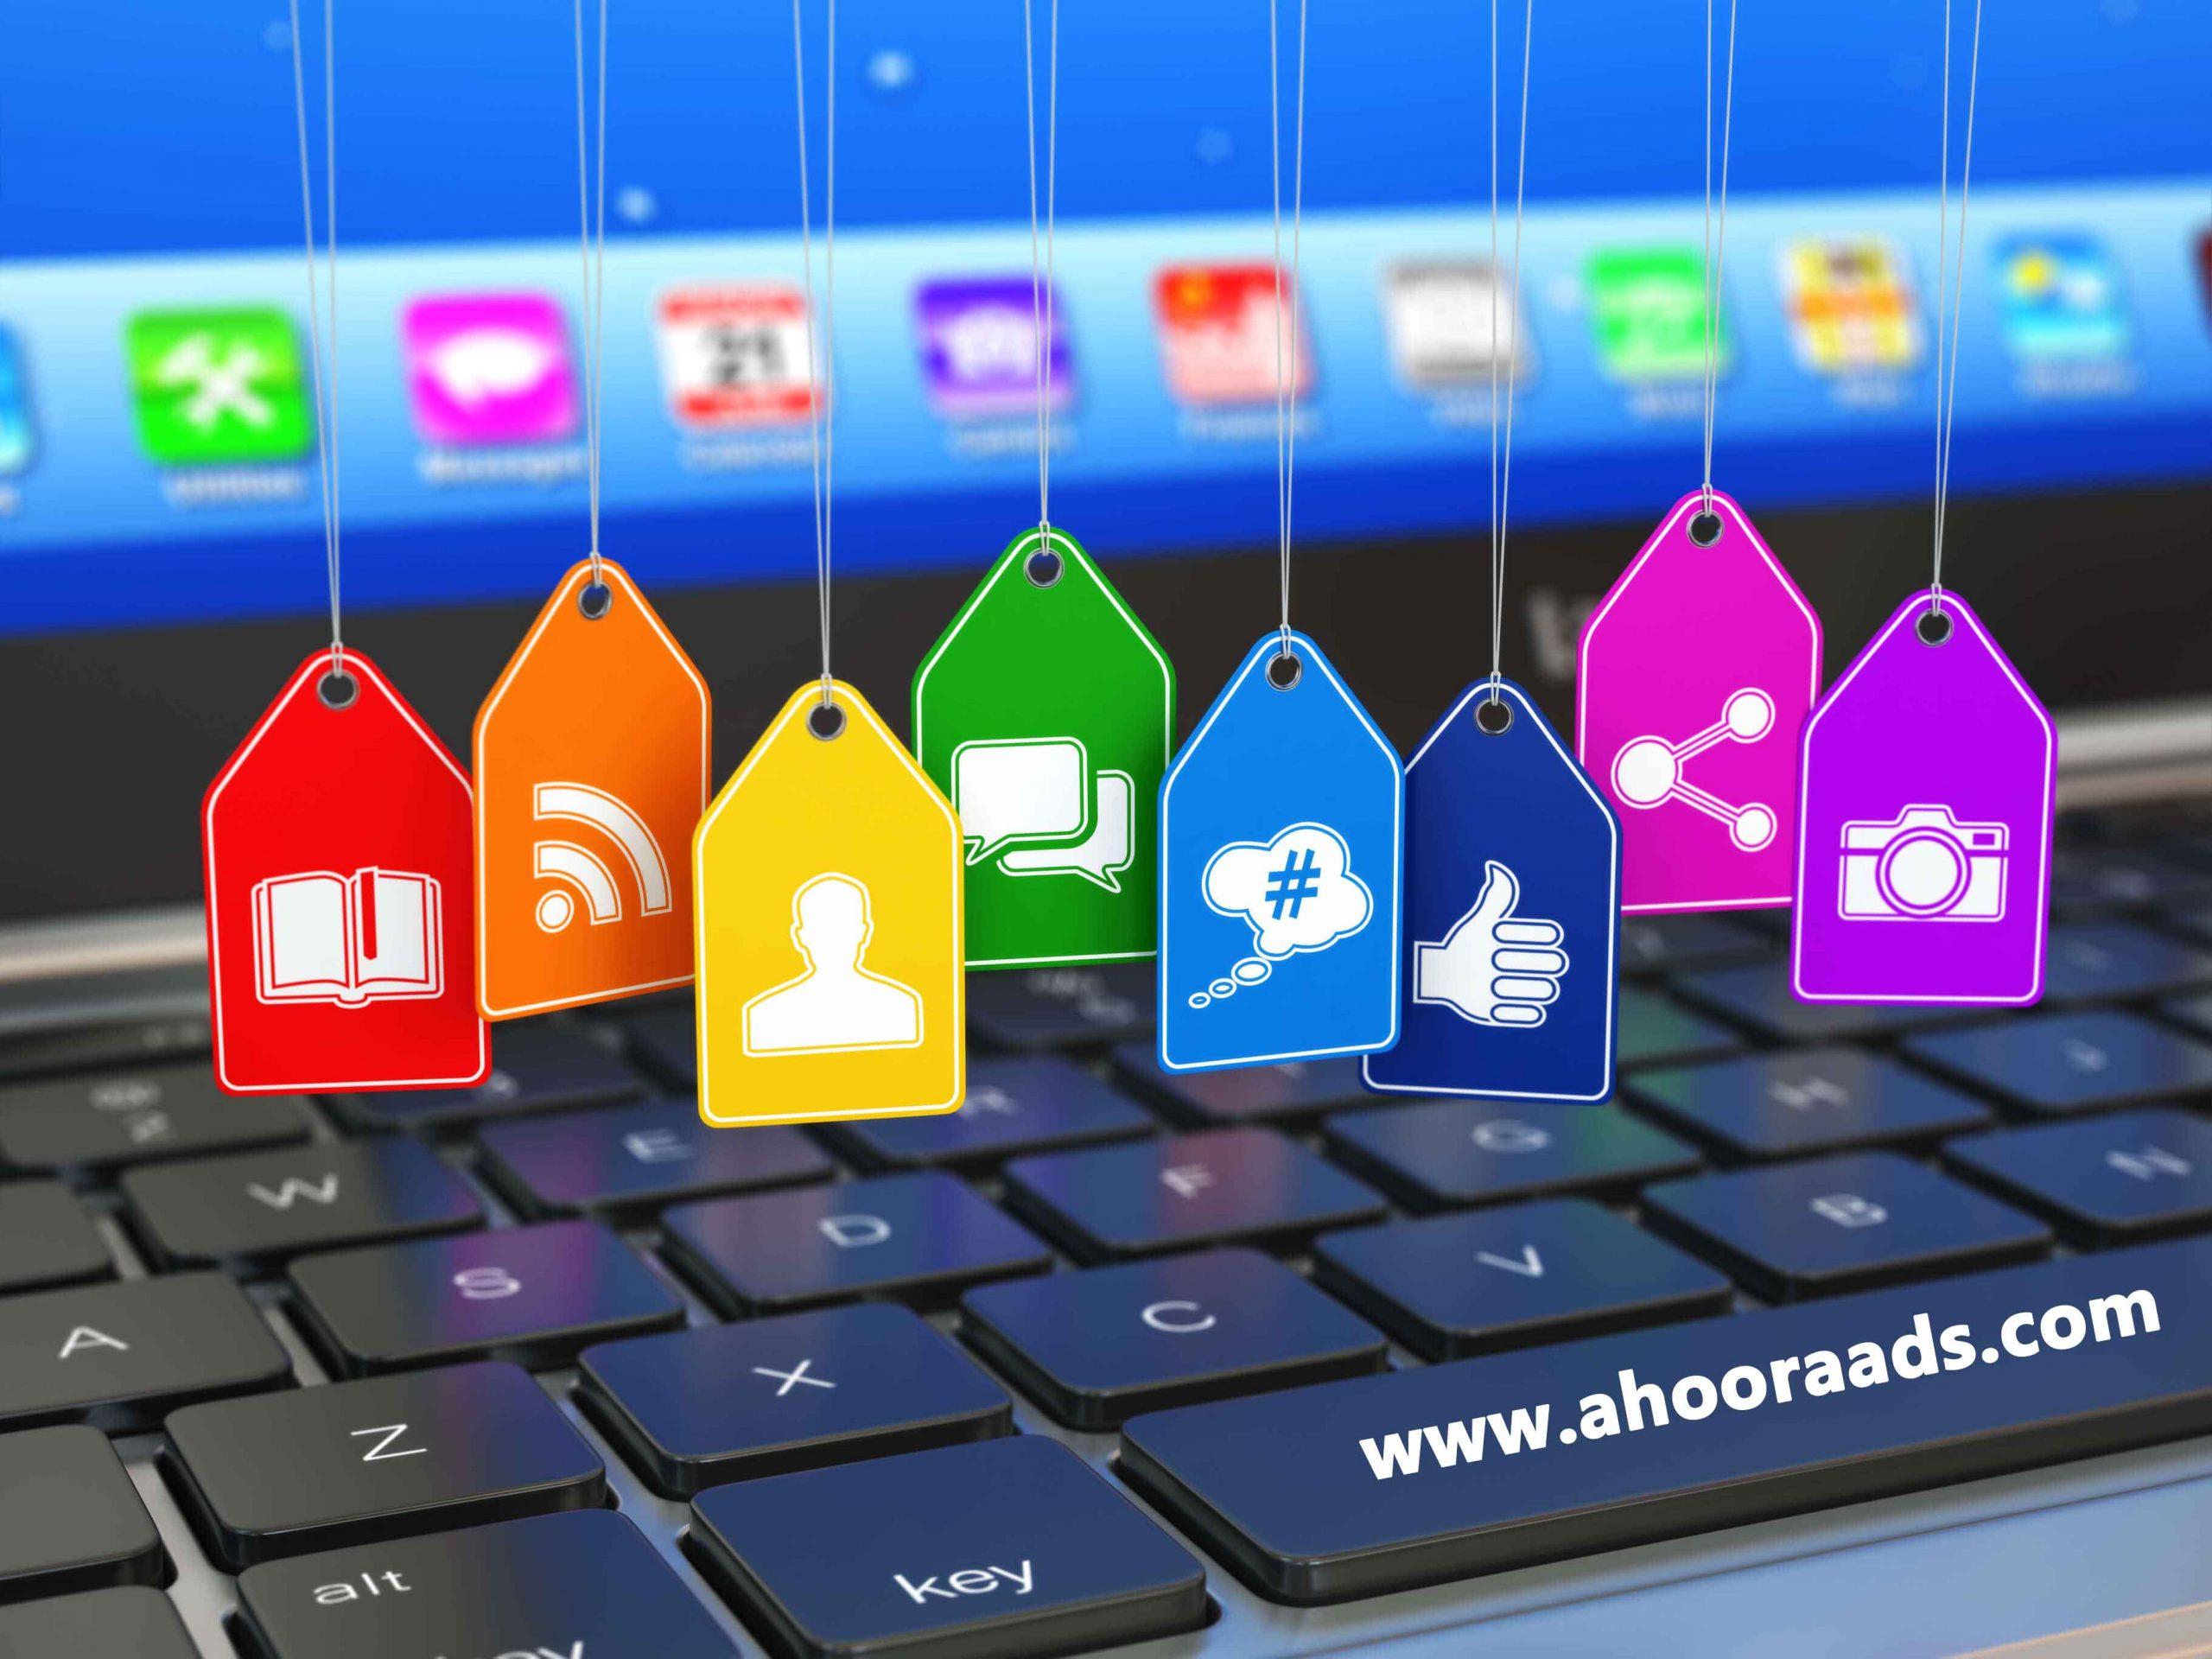 نقش شبکه های اجتماعی در دیجیتال مارکتینگ - شرکت تبلیغاتی اهورا وب - تبلیغات در اینستاگرام